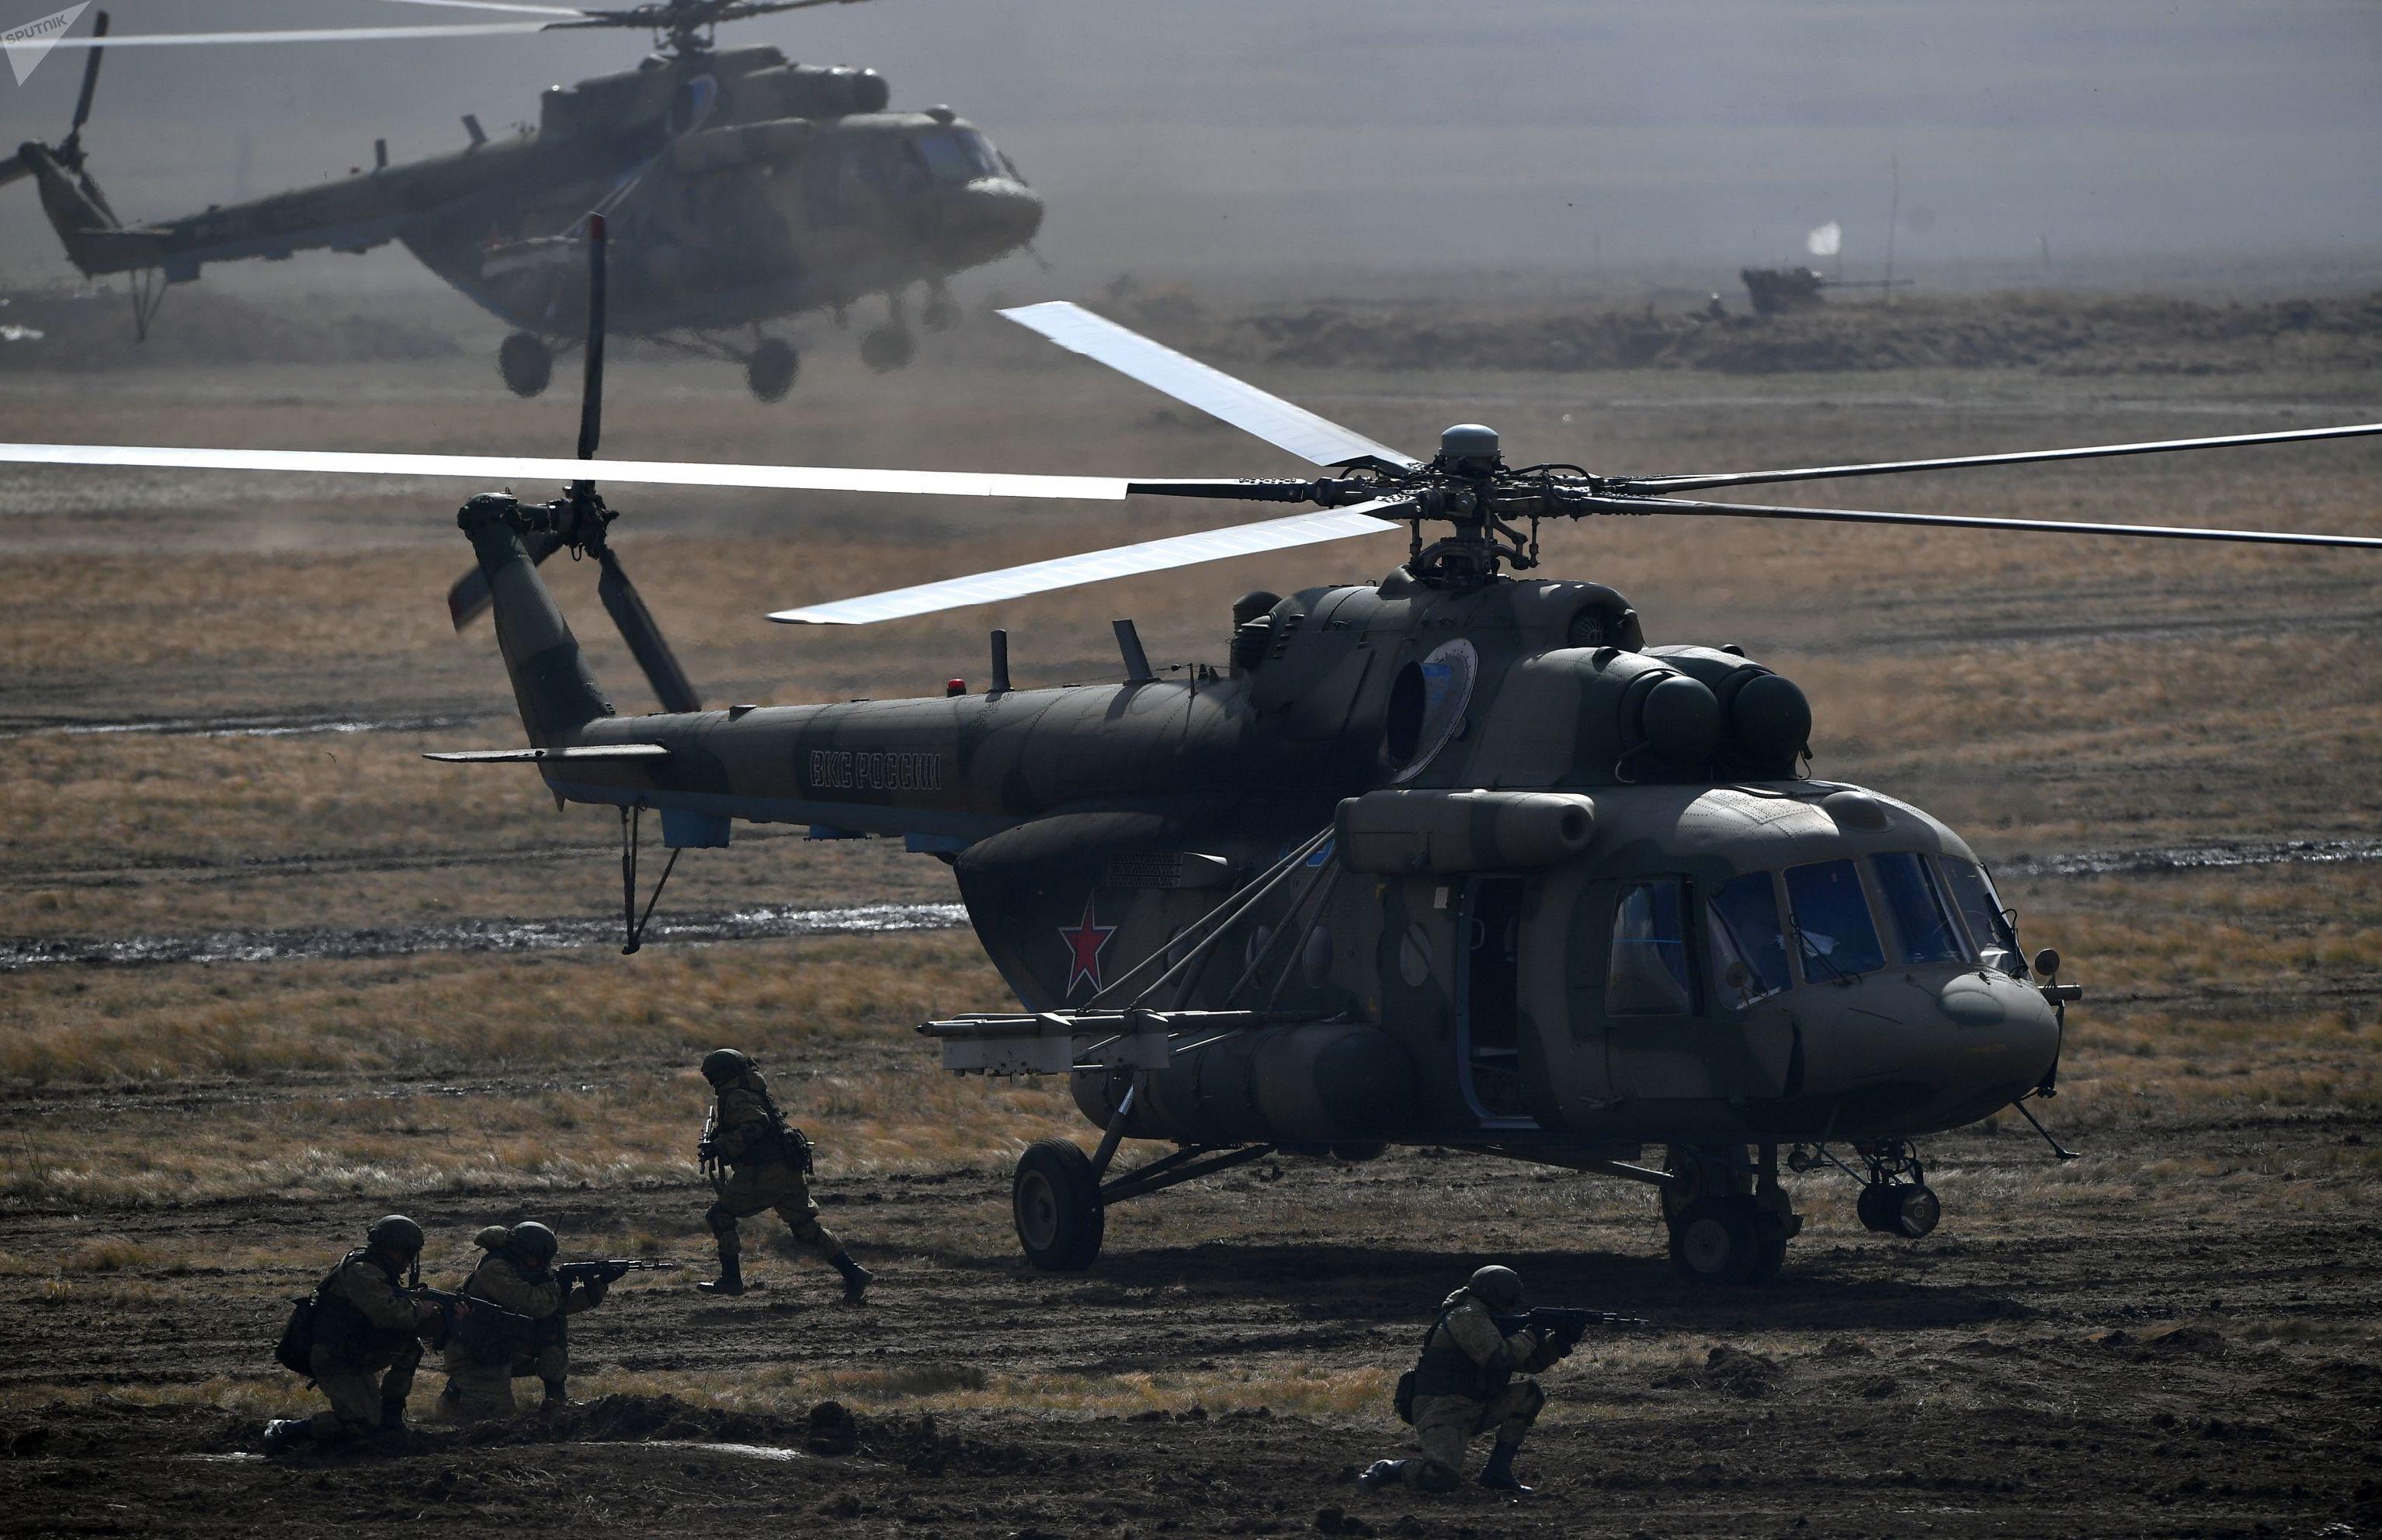 Los helicópteros Mi-8 son capaces de transportar hasta 36 paracaidistas o cuatro toneladas de carga a una distancia de más de 1.000 kilómetros.